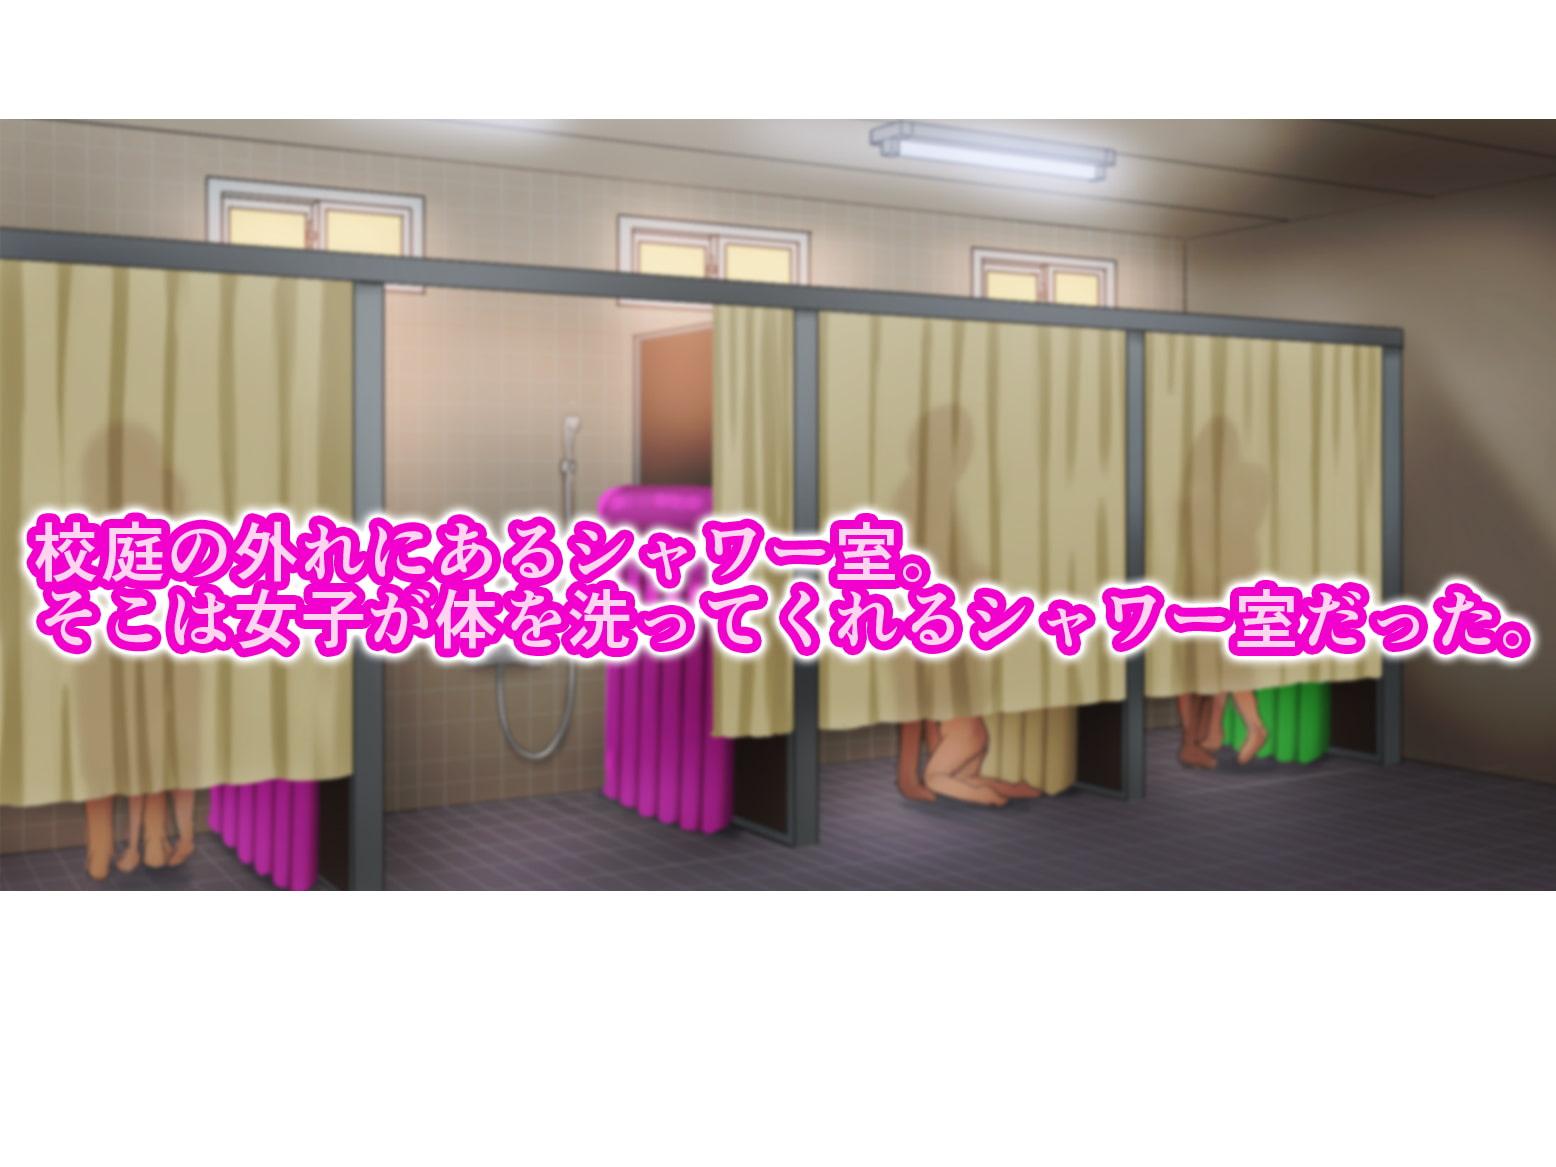 チンポ☆洗い部のサンプル1